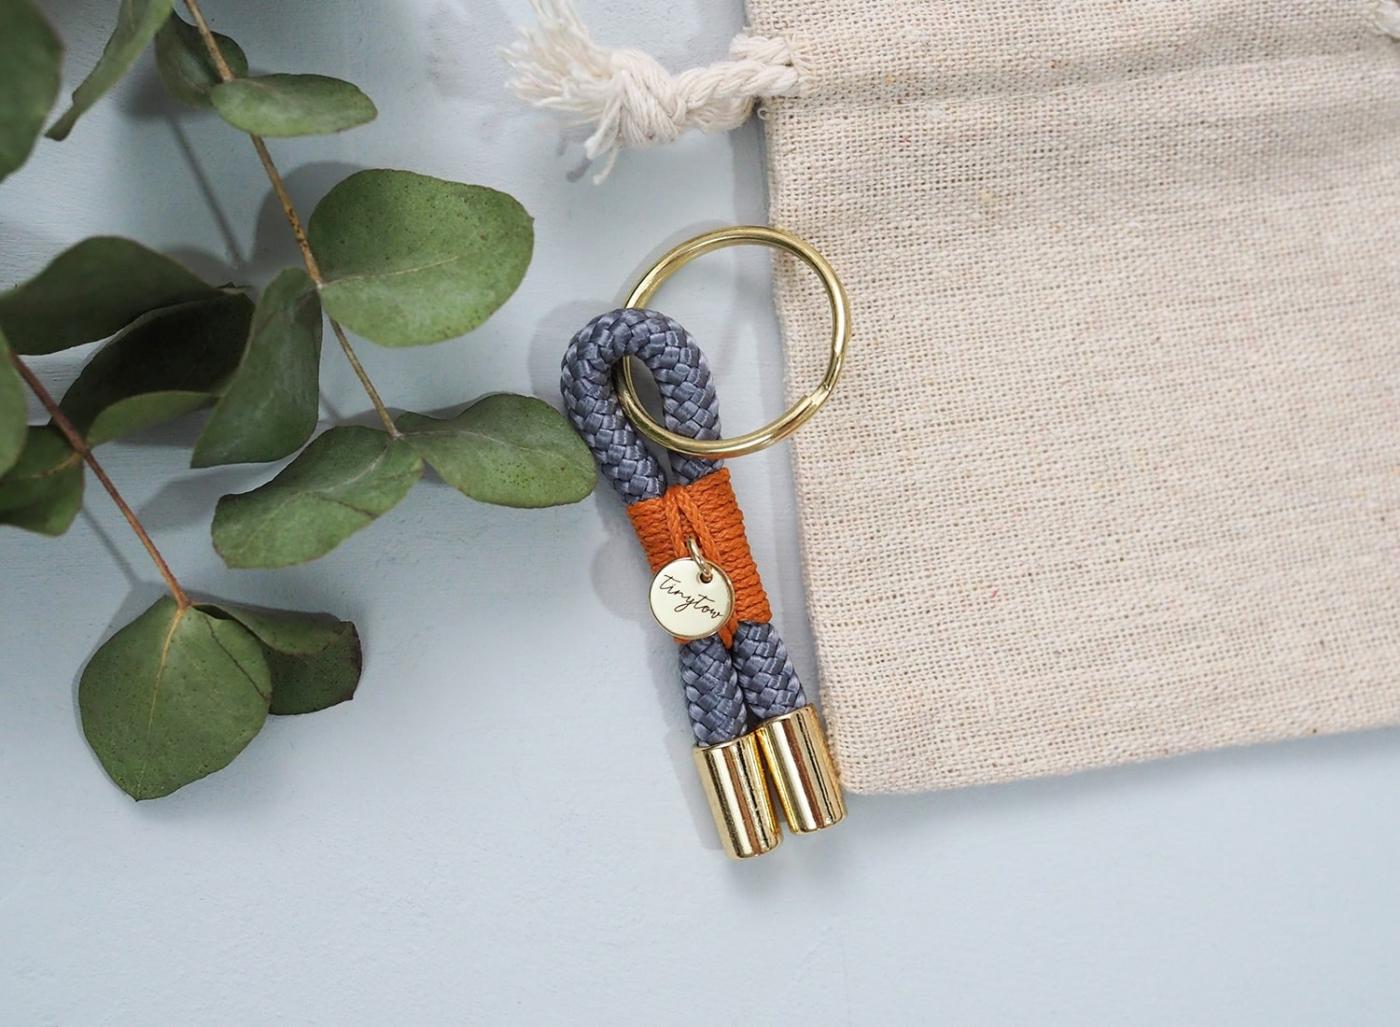 Schlüsselanhänger aus dünnem Tauseil in grau mit goldenen Details und Baumwollsäckchen.